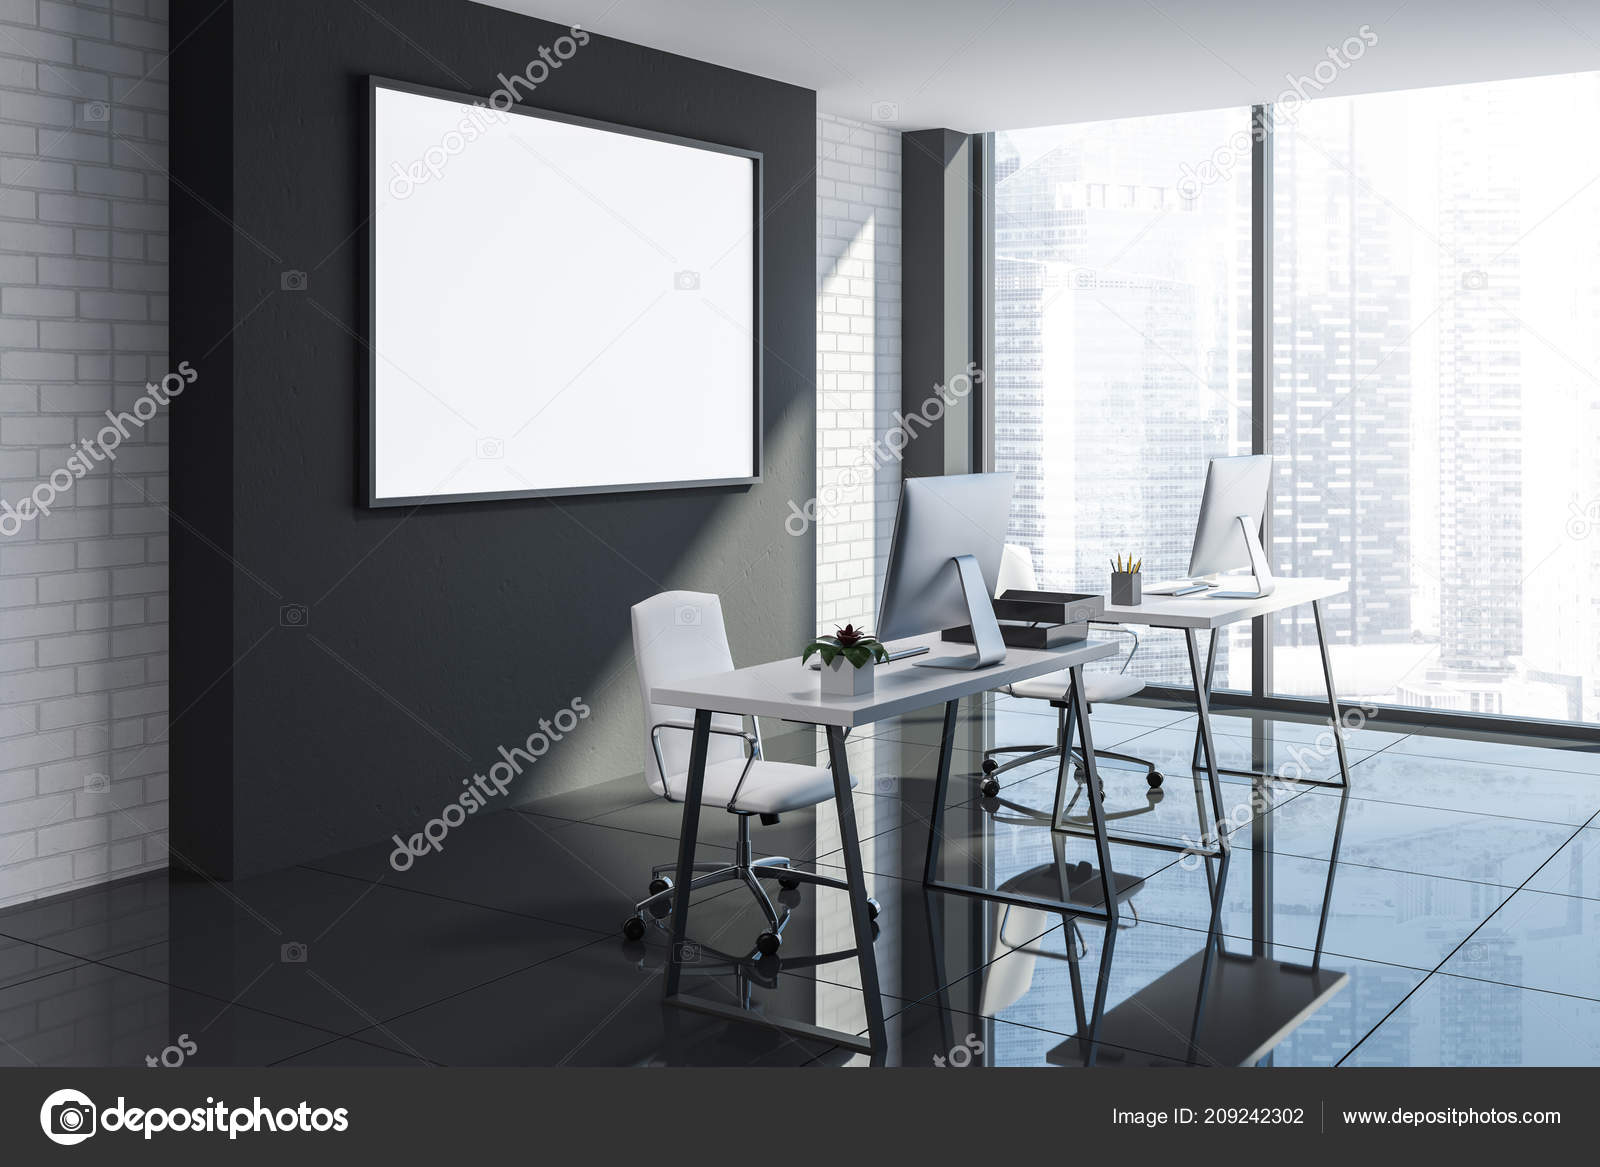 Angolo ufficio minimalista con muri mattoni bianco nero pavimento